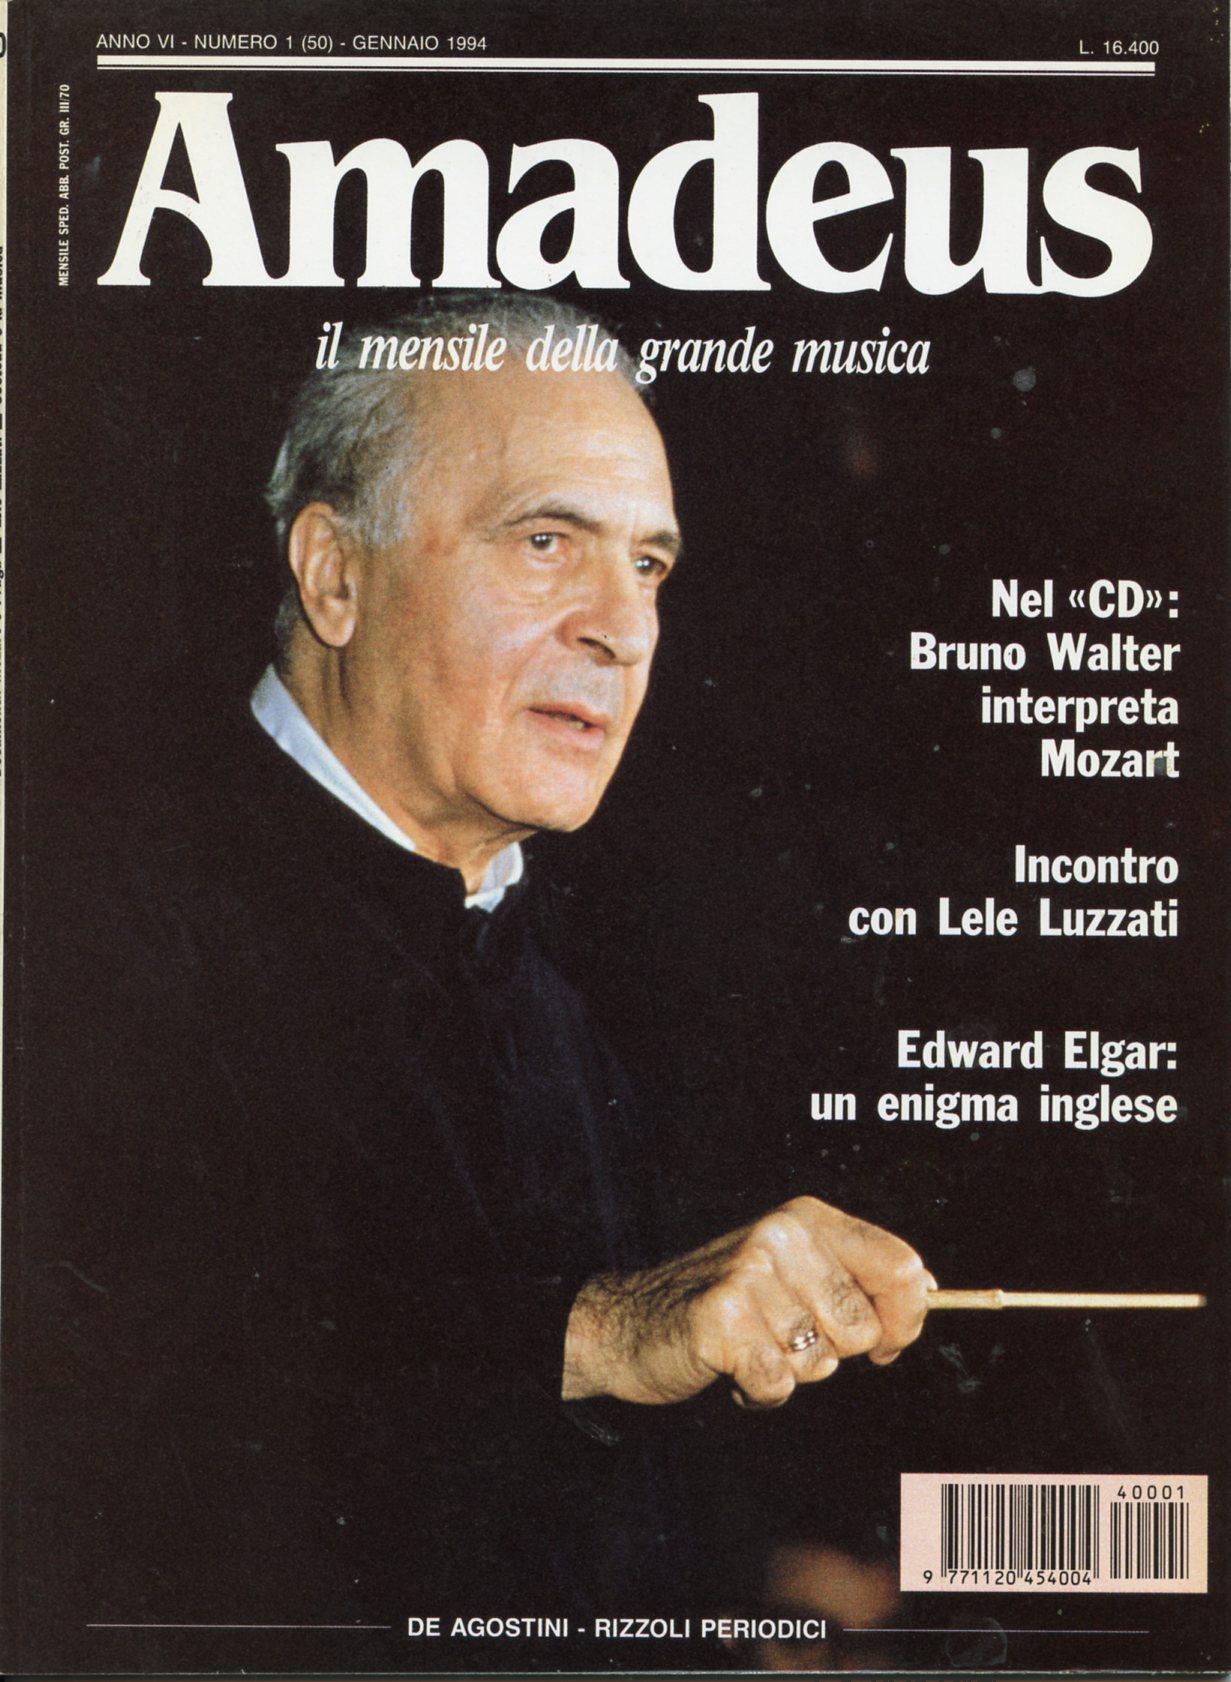 Amadeus: il mensile della grande musica, n. 50